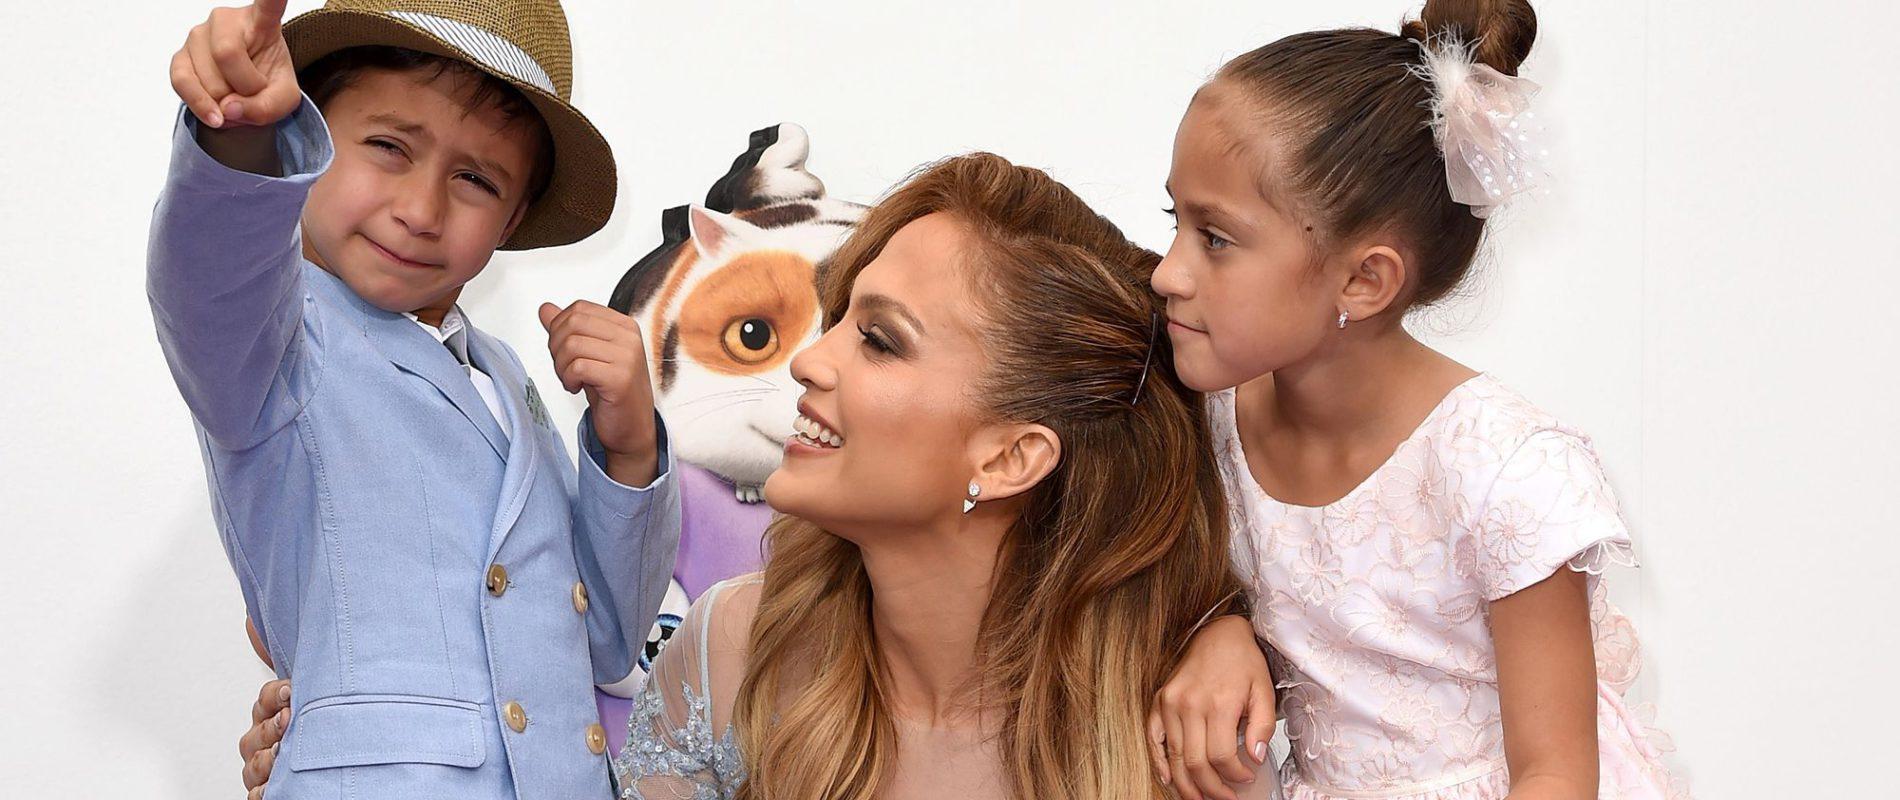 Le hace falta una cirugía; internautas aseguran que la hija de Jennifer López no se parece a ella